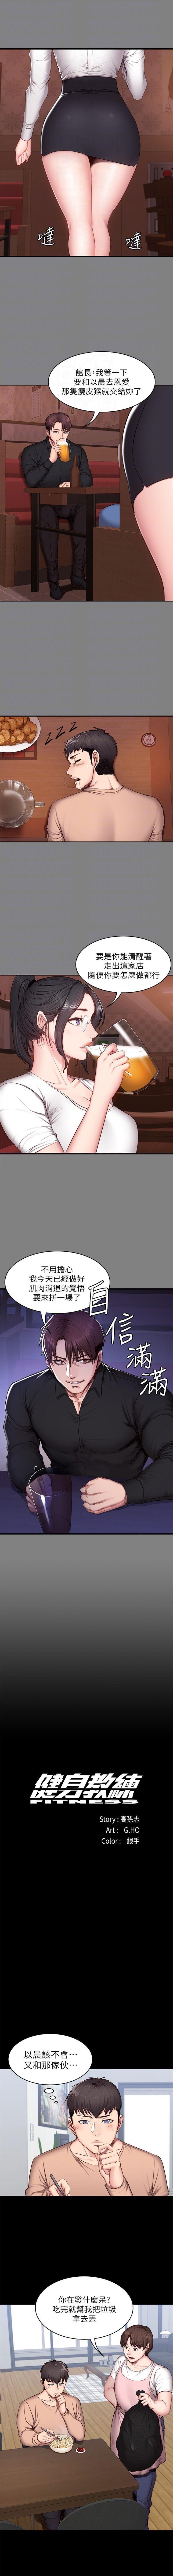 (周3)健身教练 1-29 中文翻译 (更新中) 85